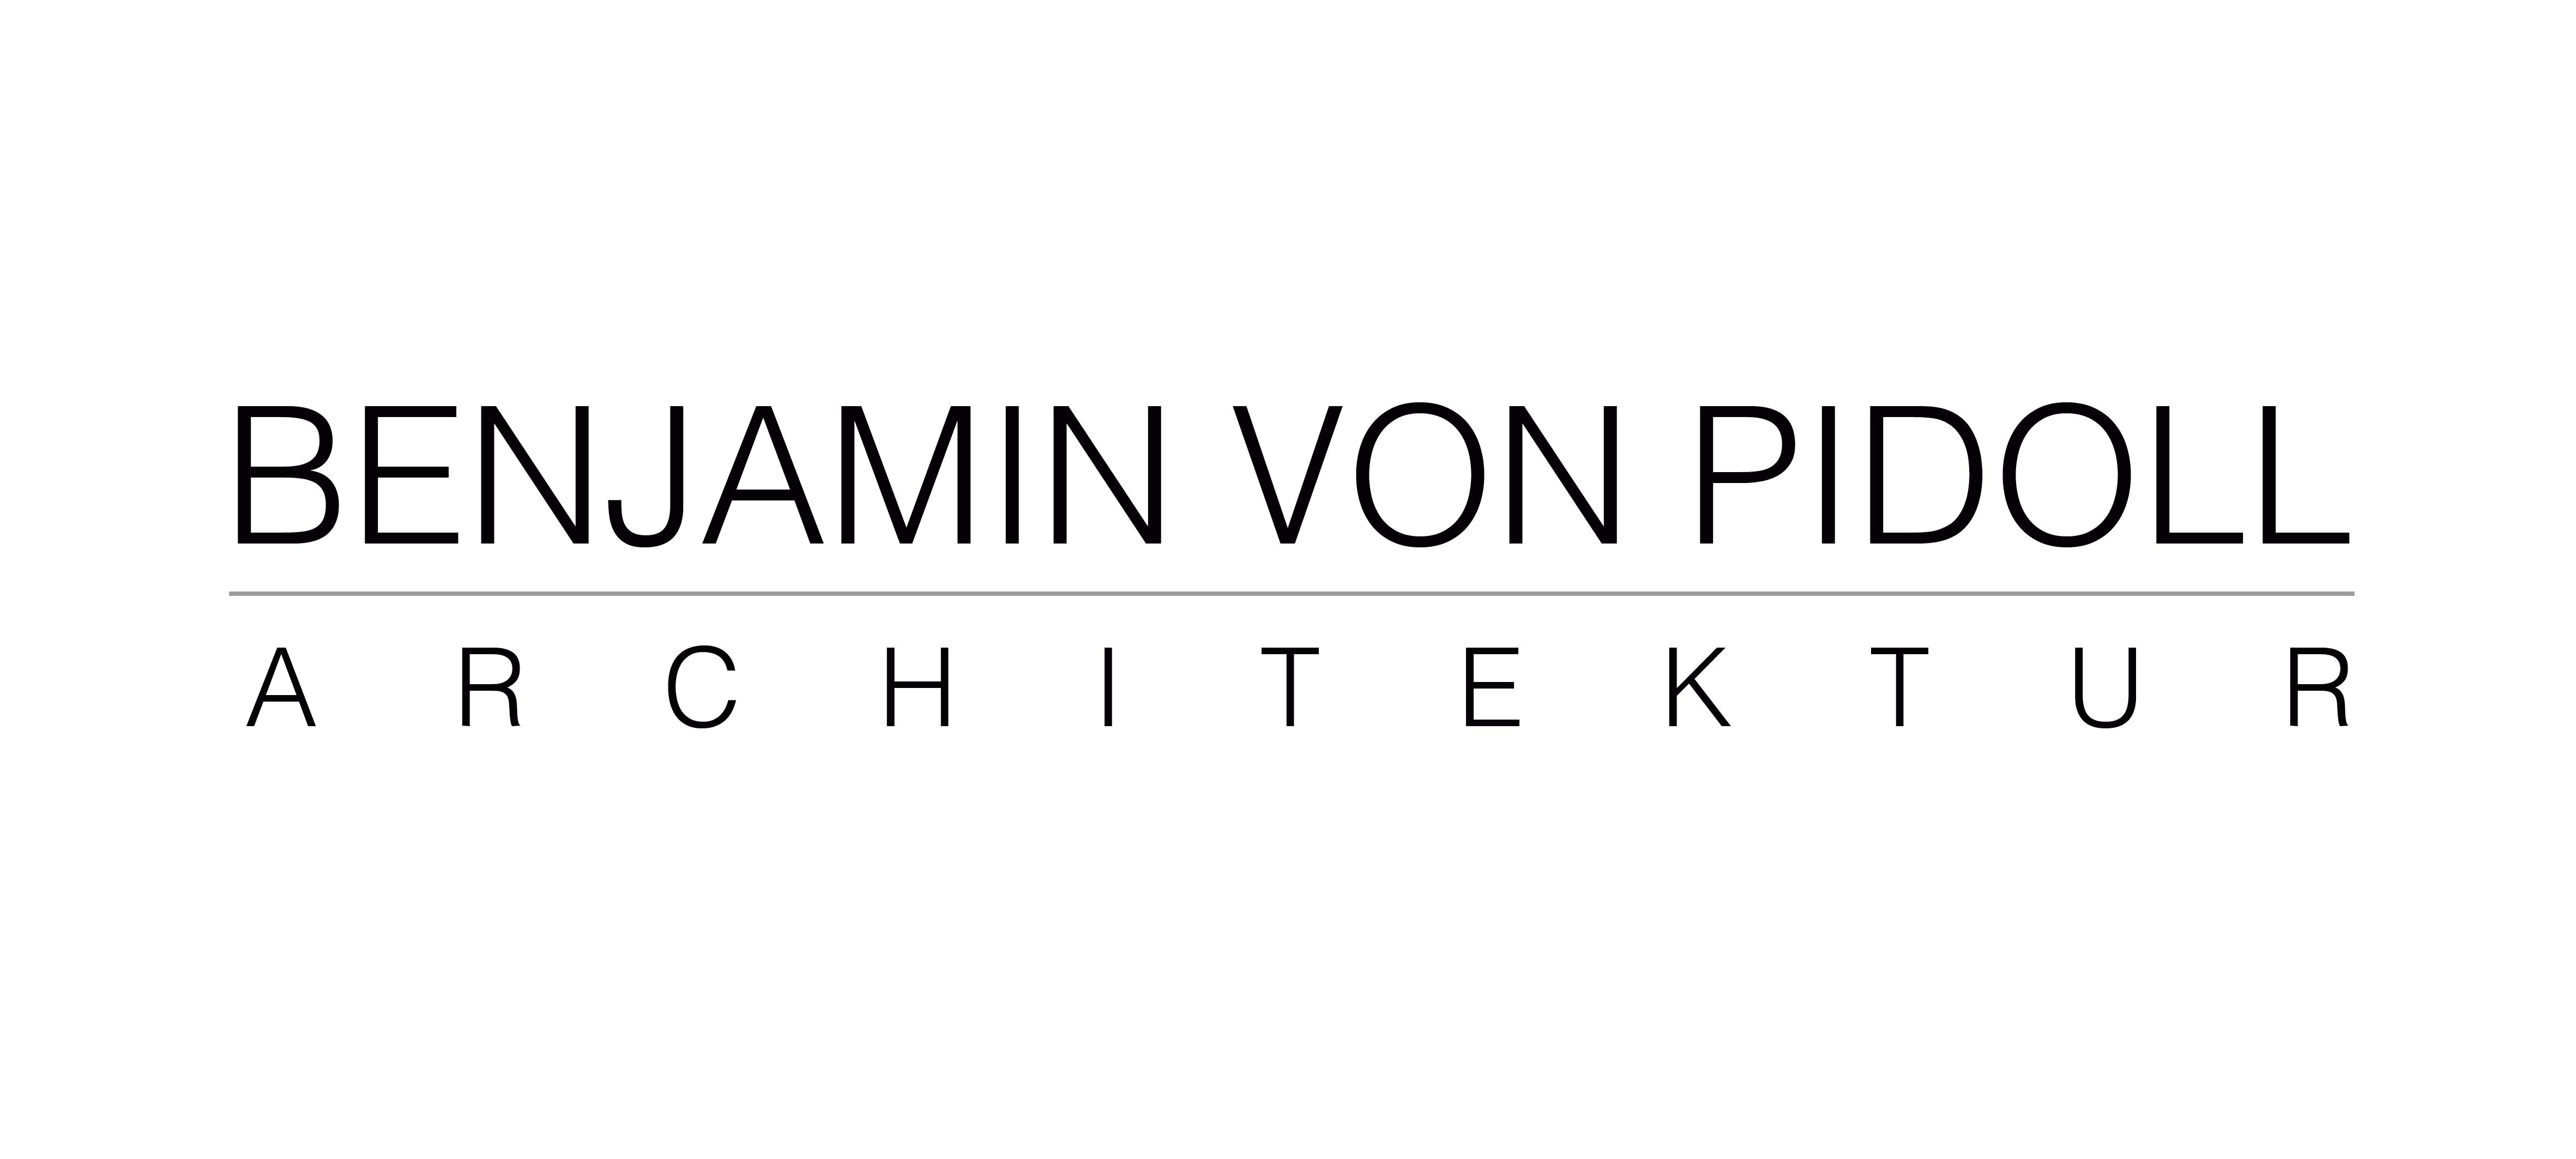 BENJAMIN VON PIDOLL ARCHITEKTUR